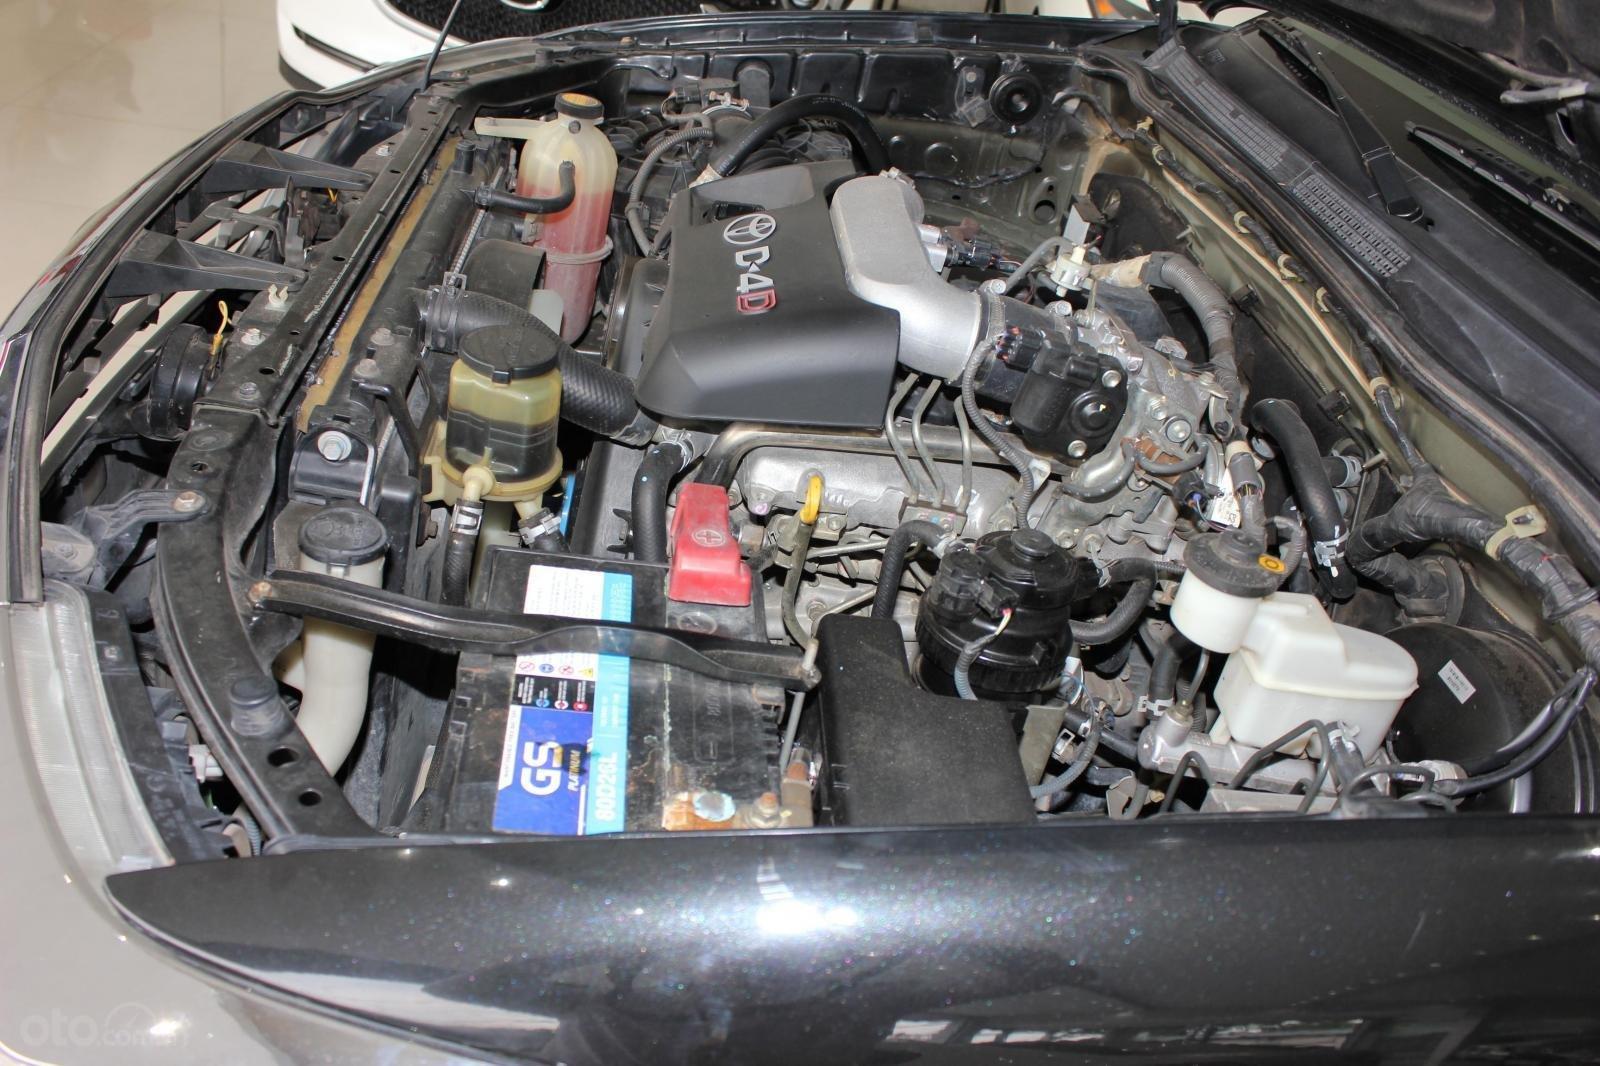 Bán xe Toyota Fortuner 2.5G MT đời 2012, máy dầu, màu đen, biển SG, xe đẹp (16)